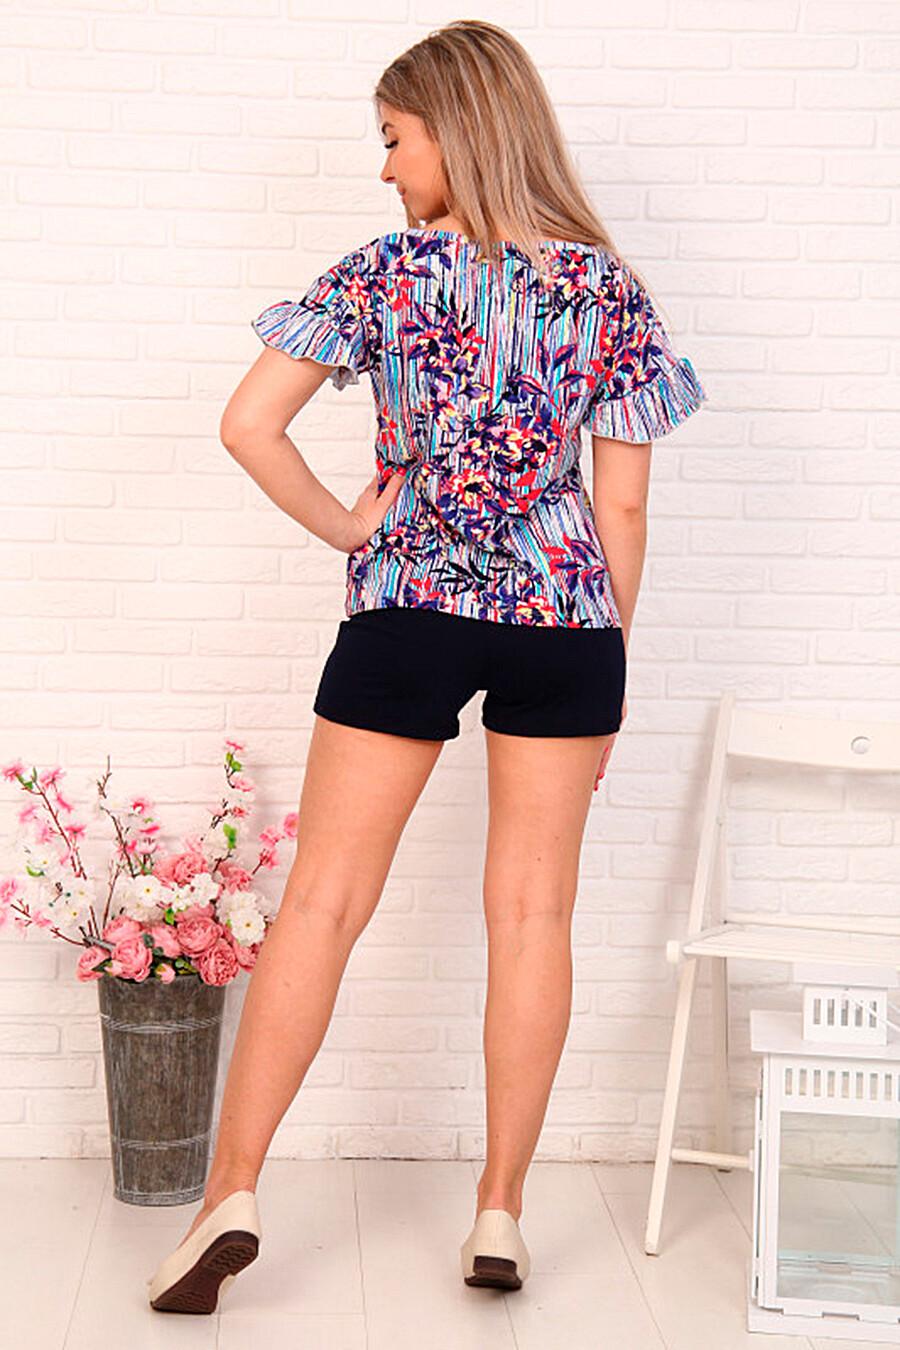 Костюм (Футболка + Брюки) для женщин SOFIYA37 668428 купить оптом от производителя. Совместная покупка женской одежды в OptMoyo